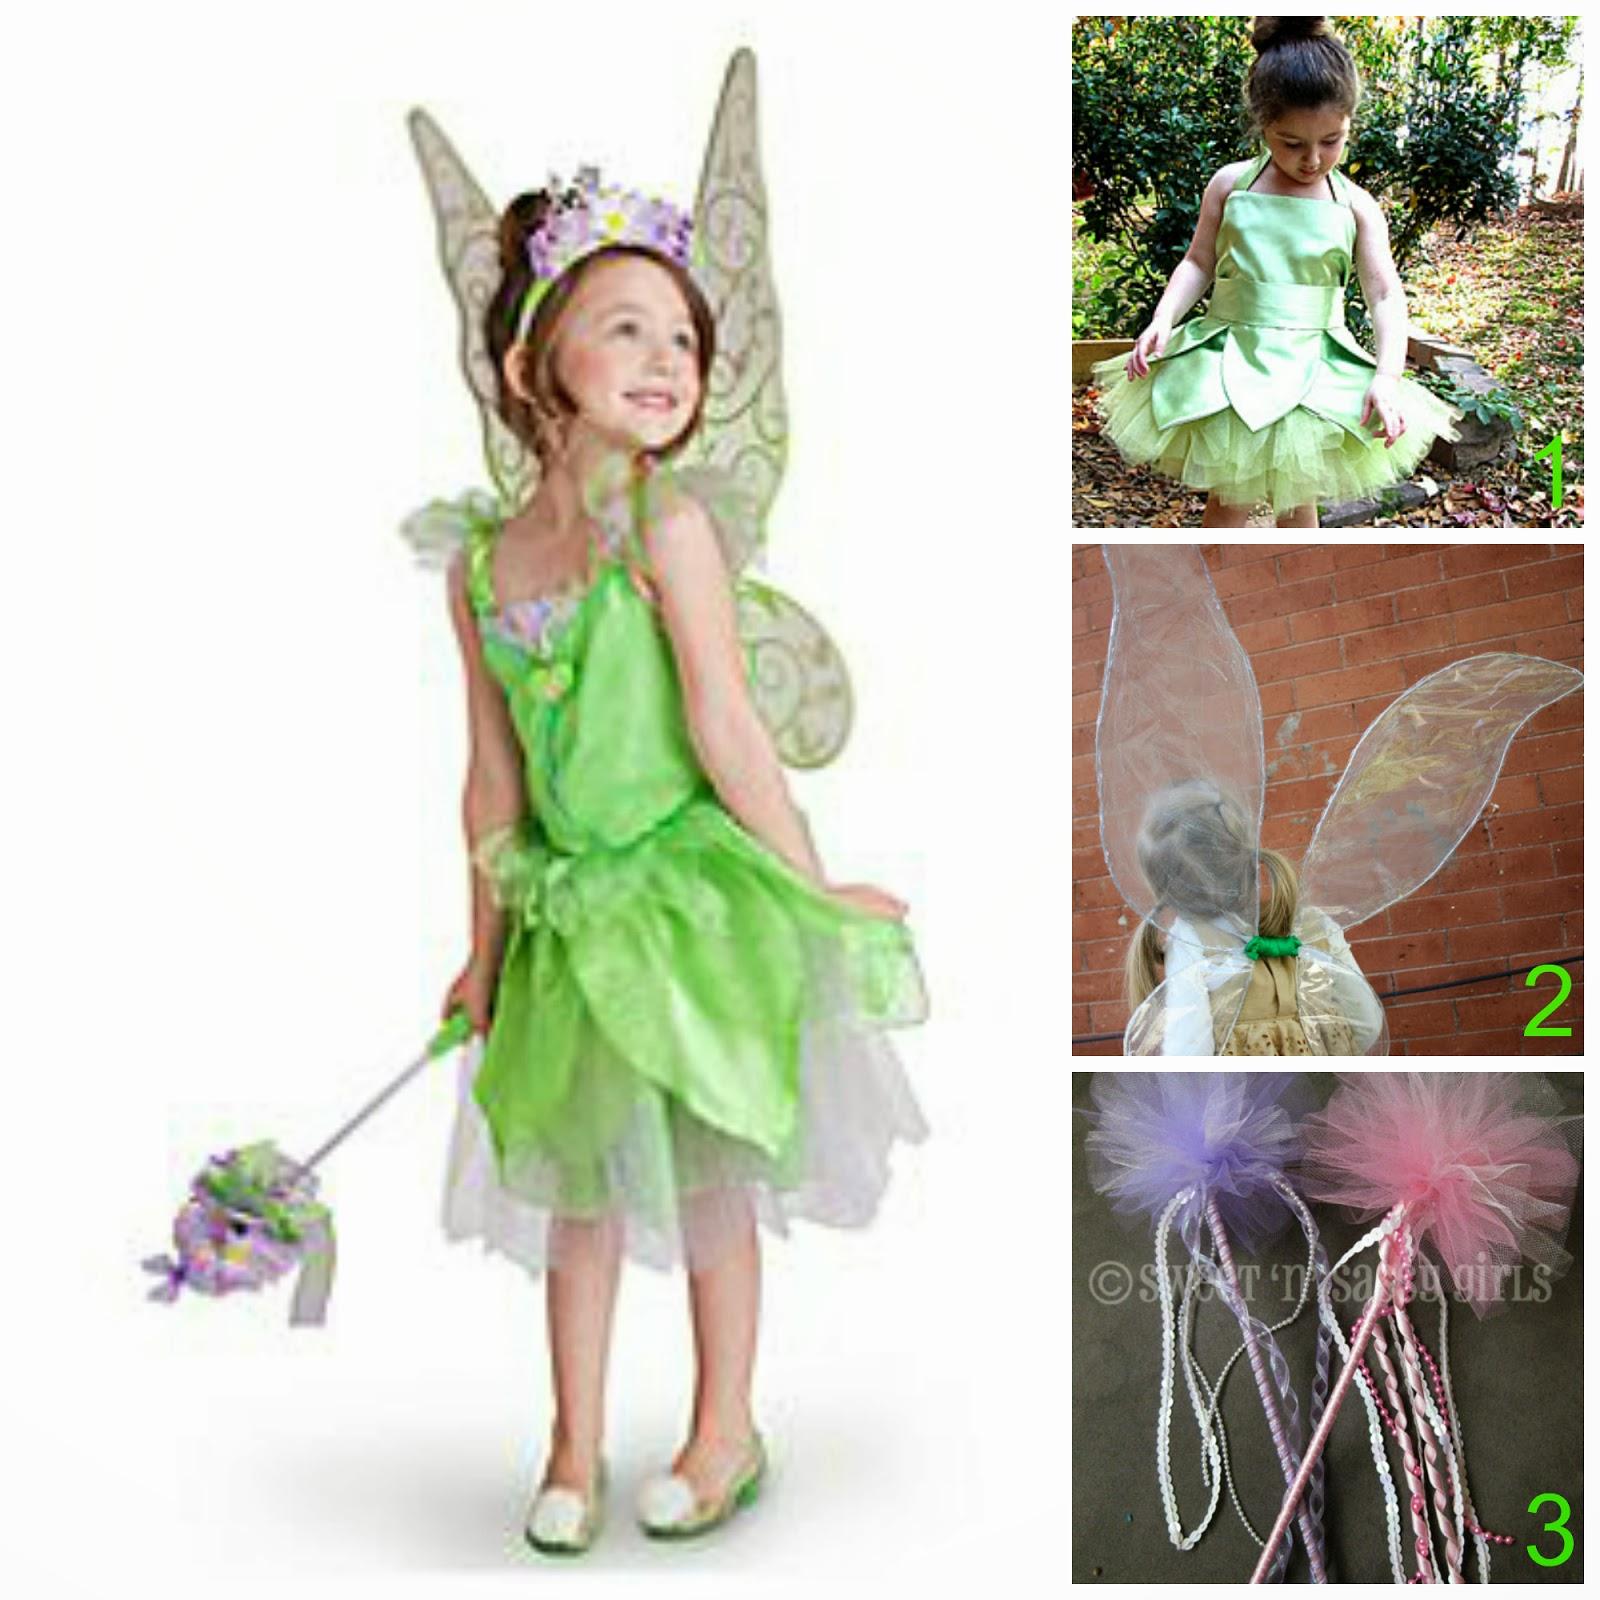 Especial Halloween 15 Disfraces con Tut Saras Code Blog de